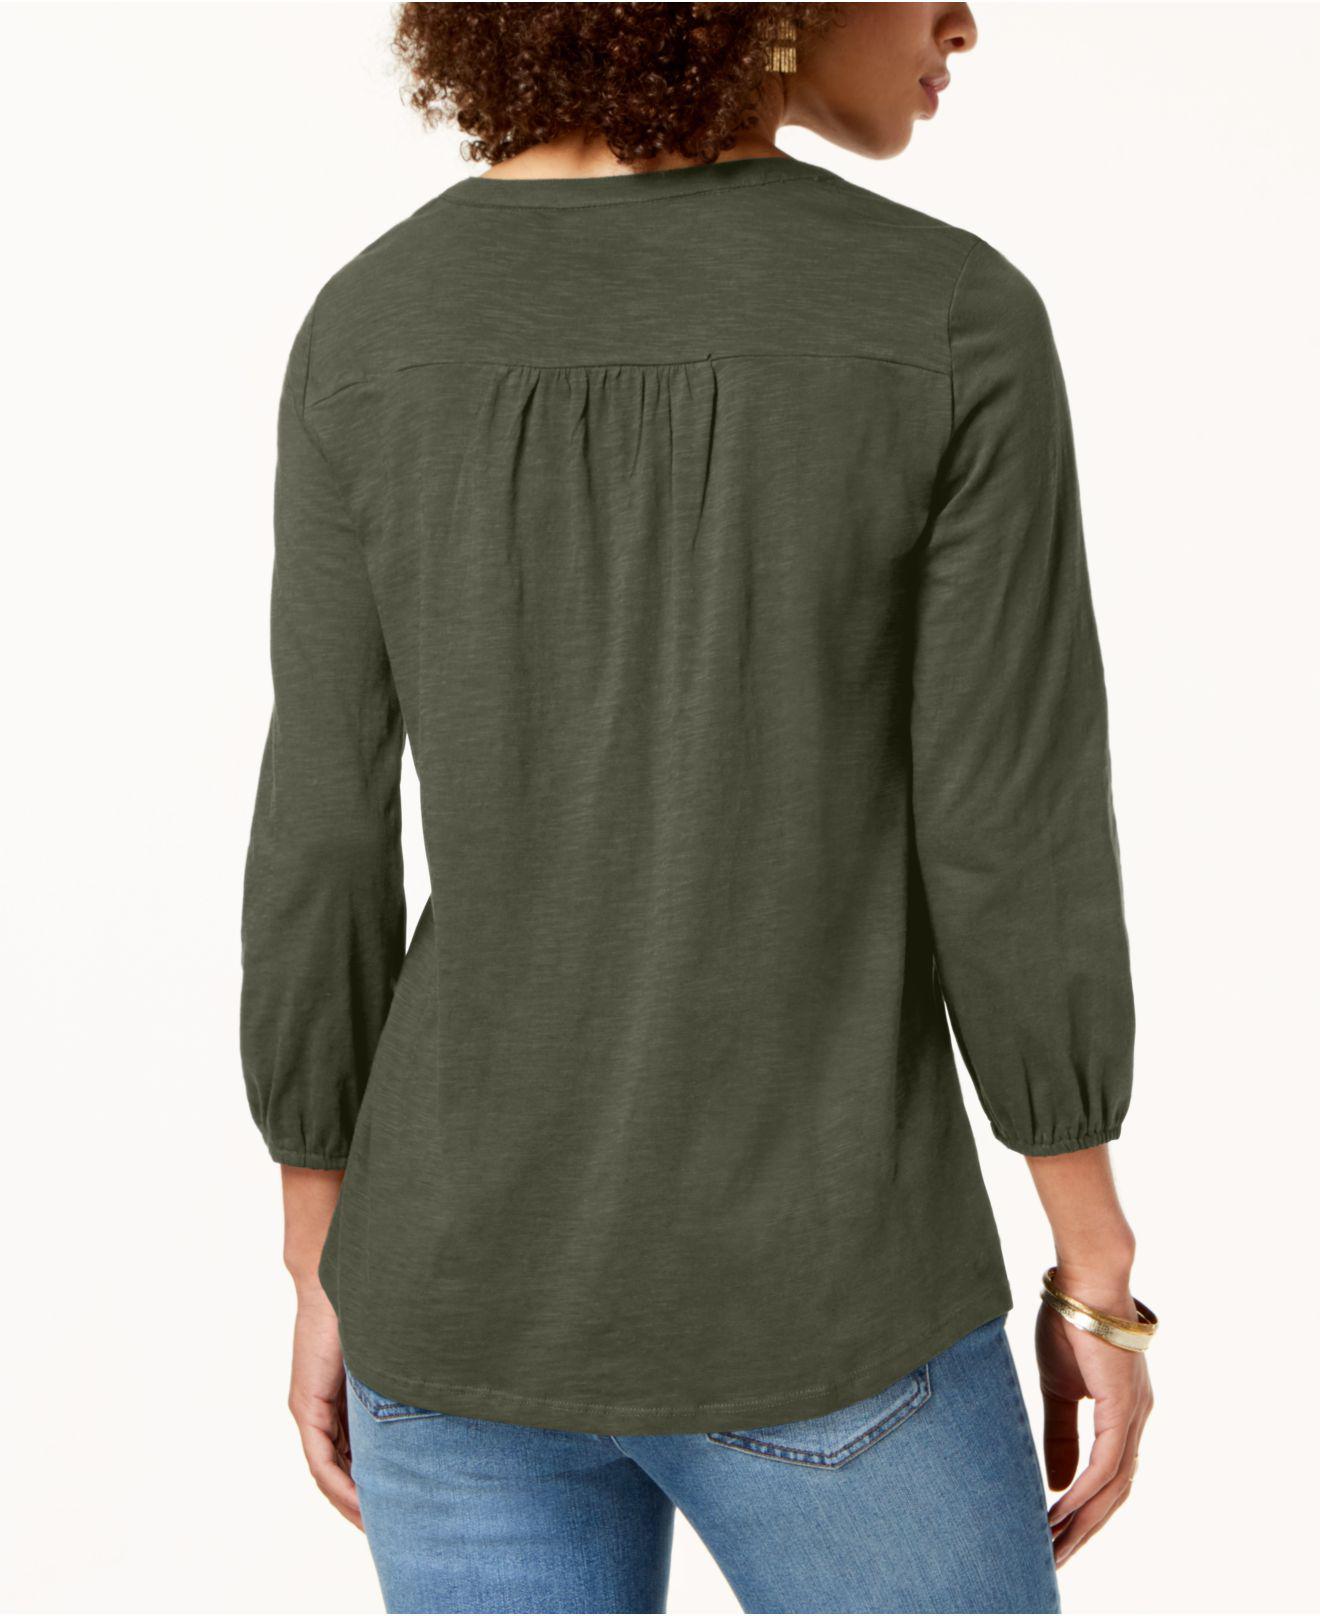 c184cc458e862 Lyst - Style   Co. Plus Size Cotton Lace-trimmed Top